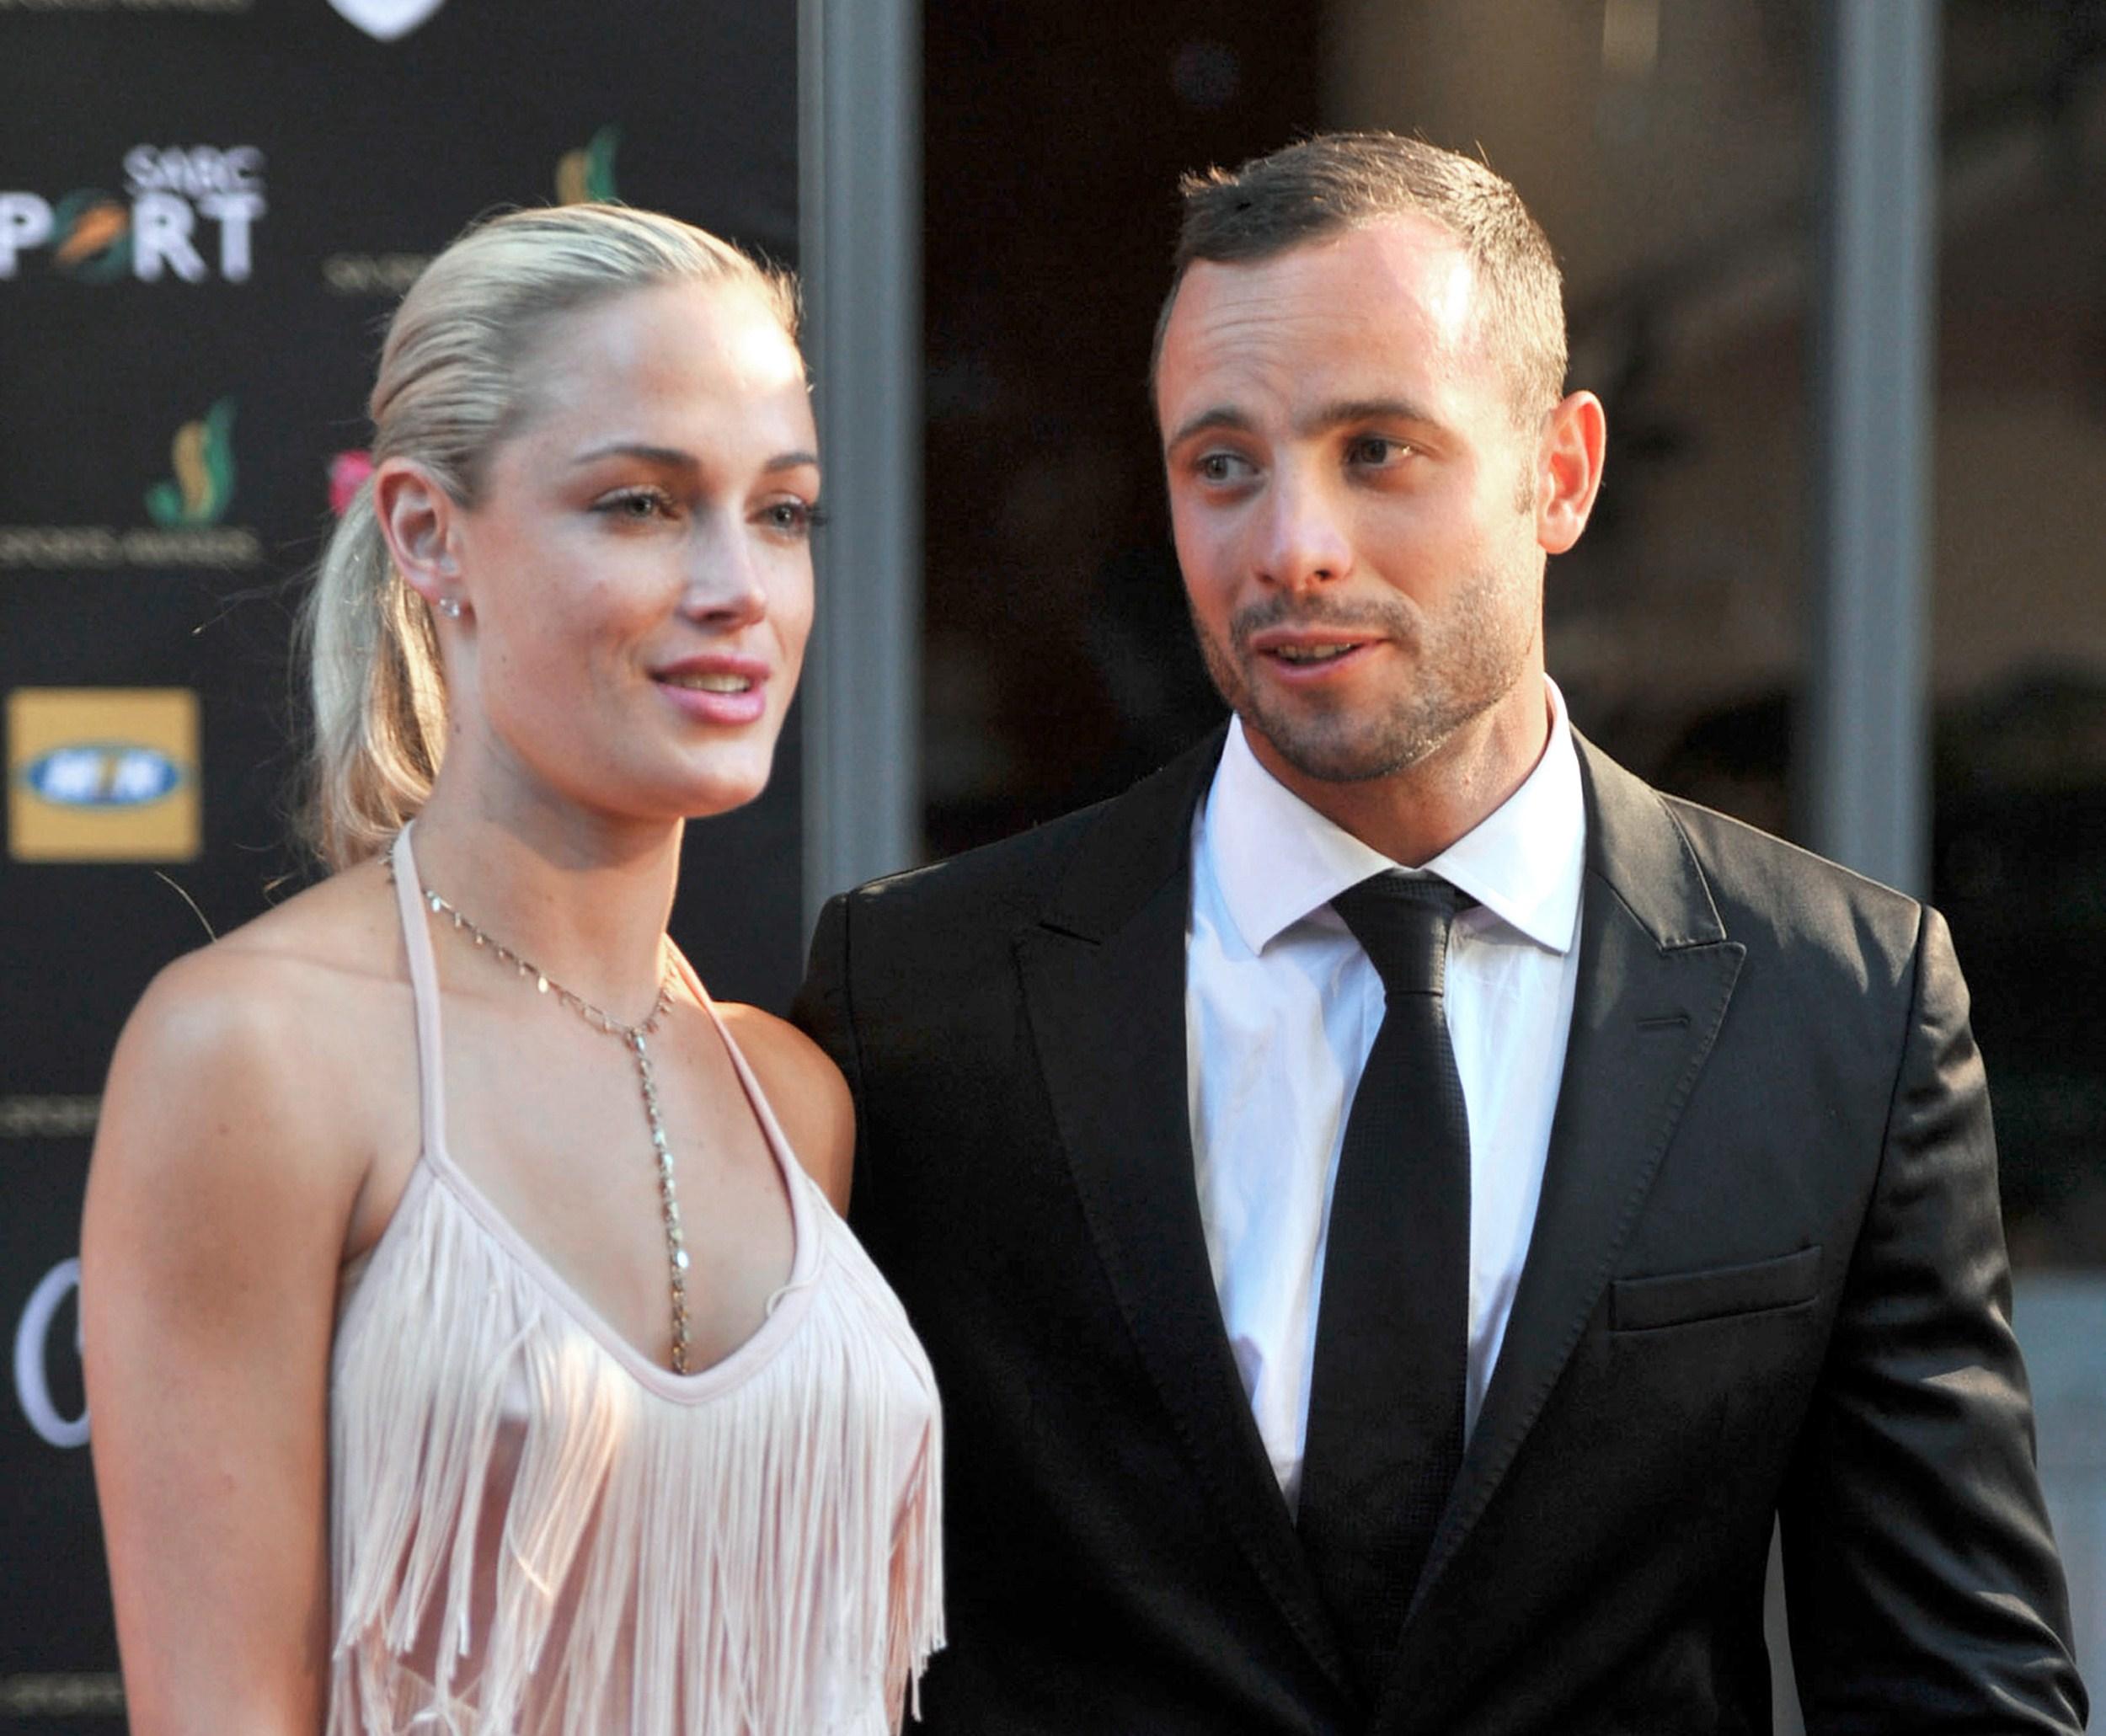 Detalii cutremuratoare din noaptea in care Oscar Pistorius si-a omorat iubita. Cu cine a vorbit la telefon inainte sa traga